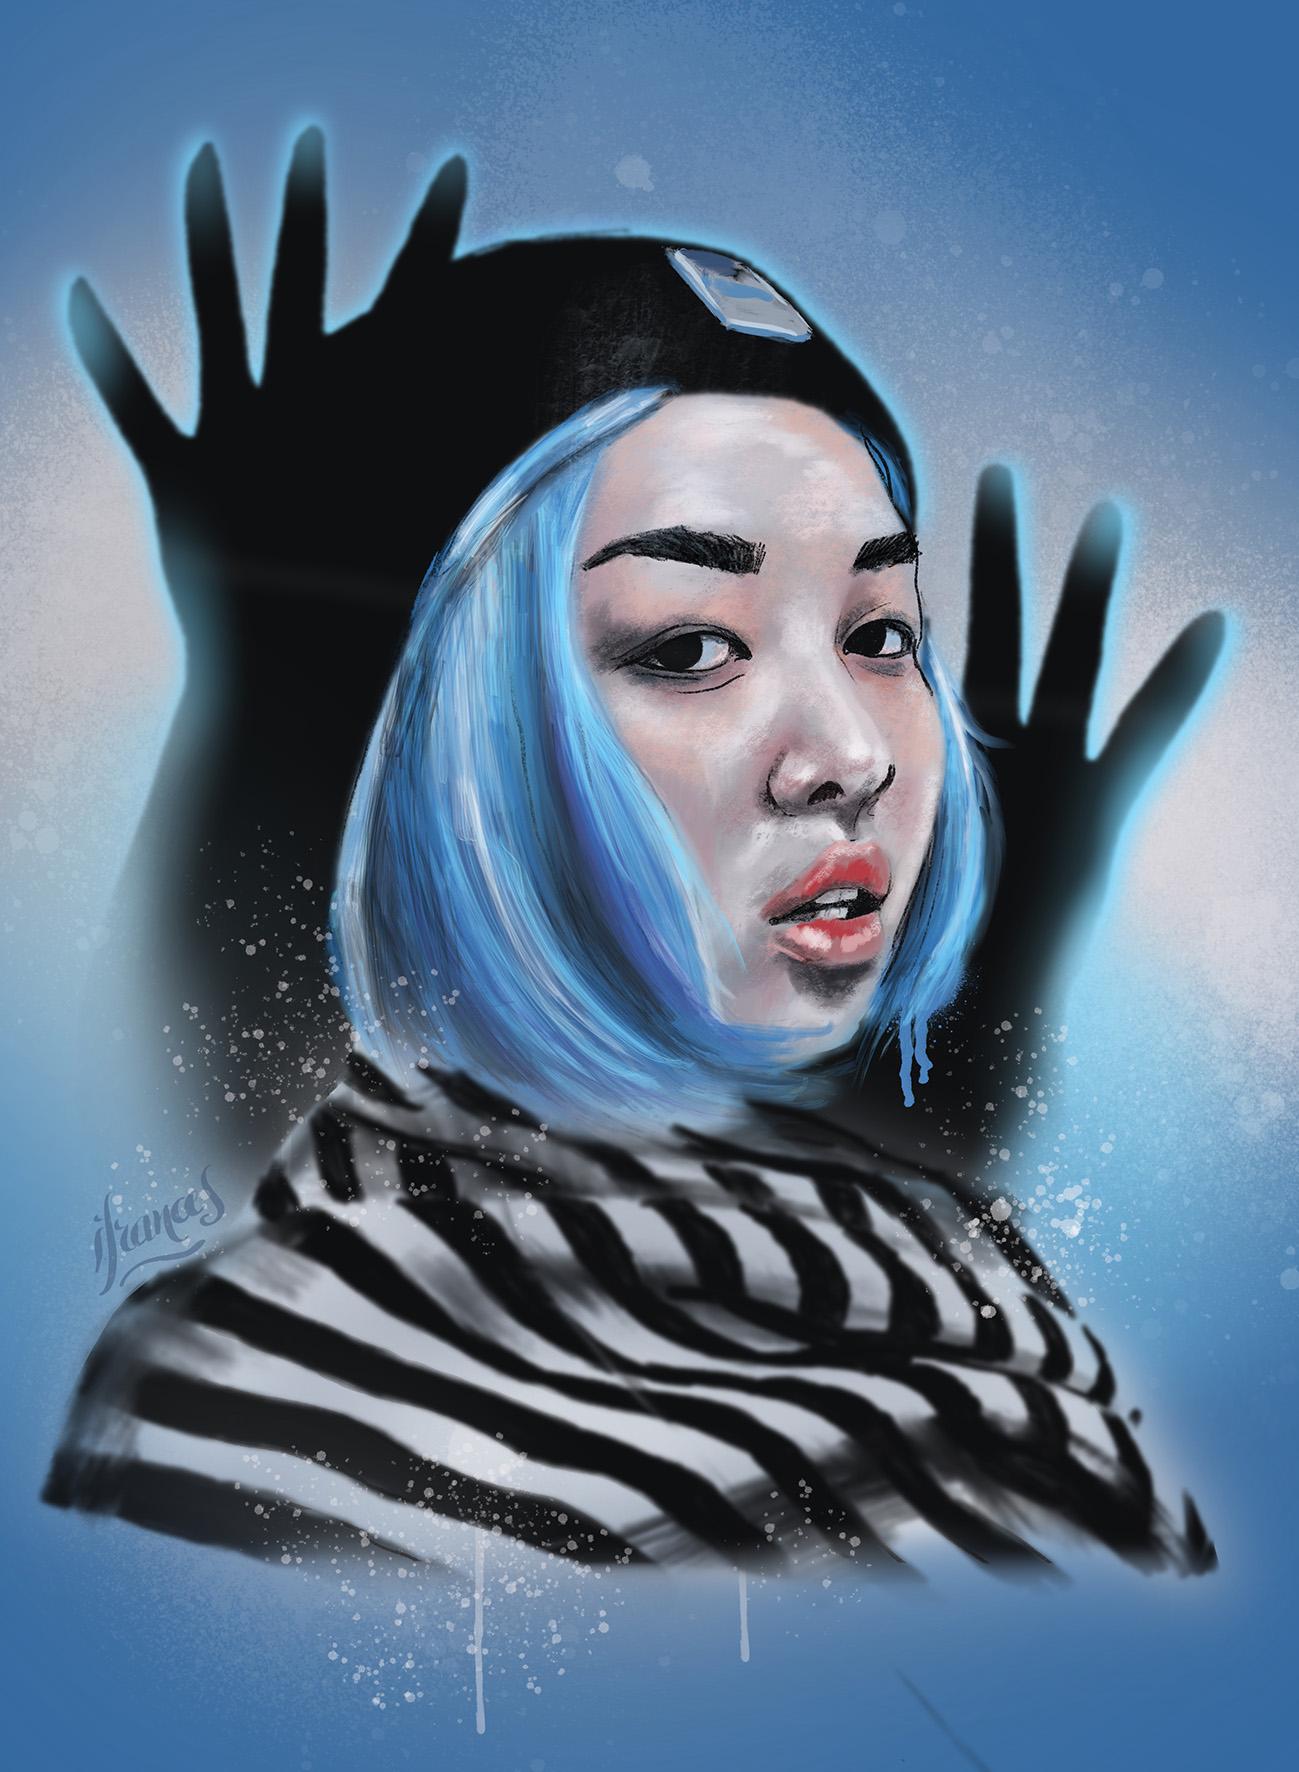 Madgie, modele Sktchy peinture numérique sur application Procreate - I.Frances2021